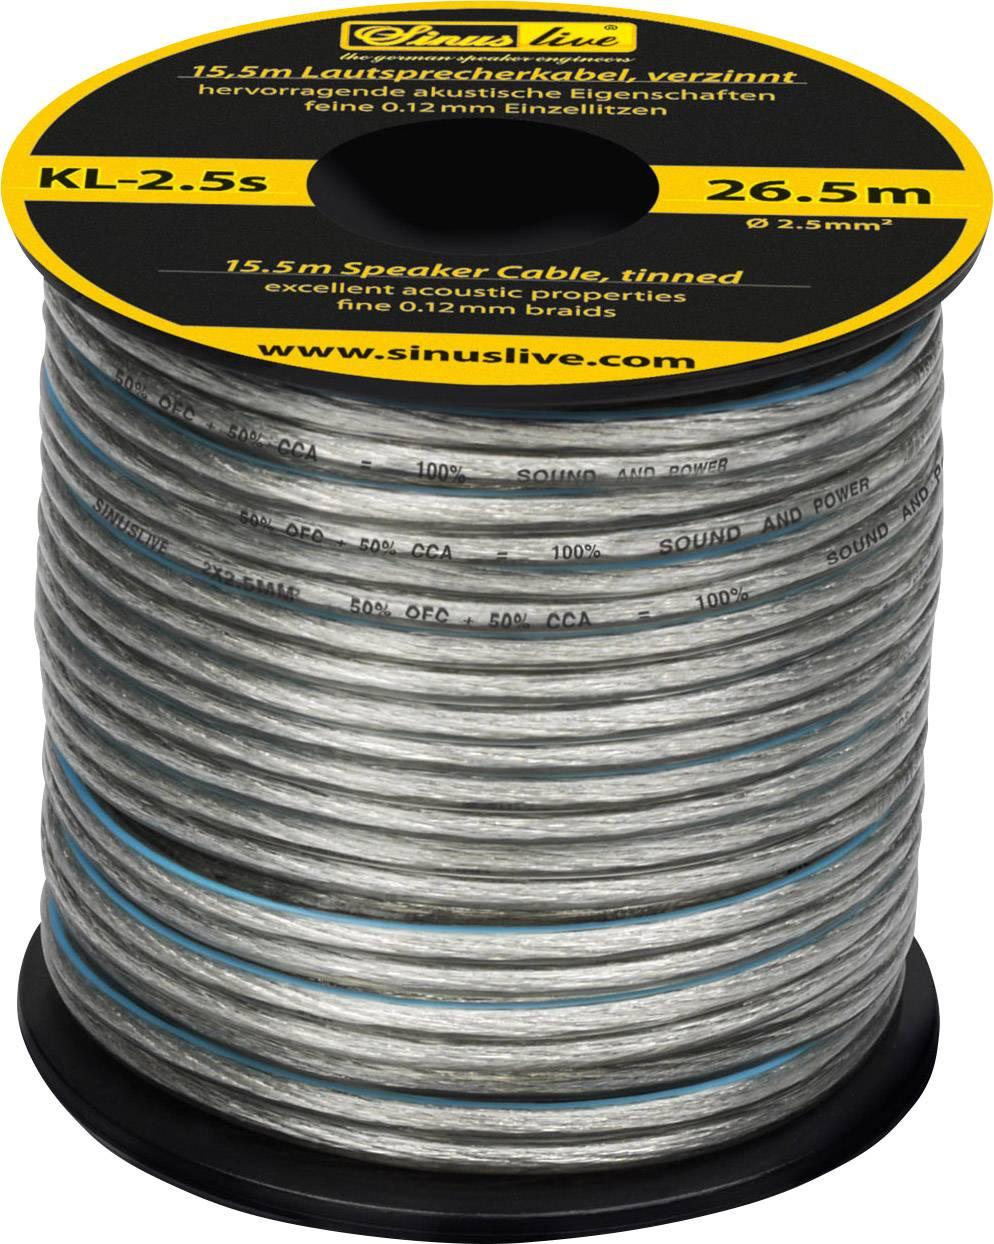 Speaker Cable 2x 2.5mm² CCA transparent 20m